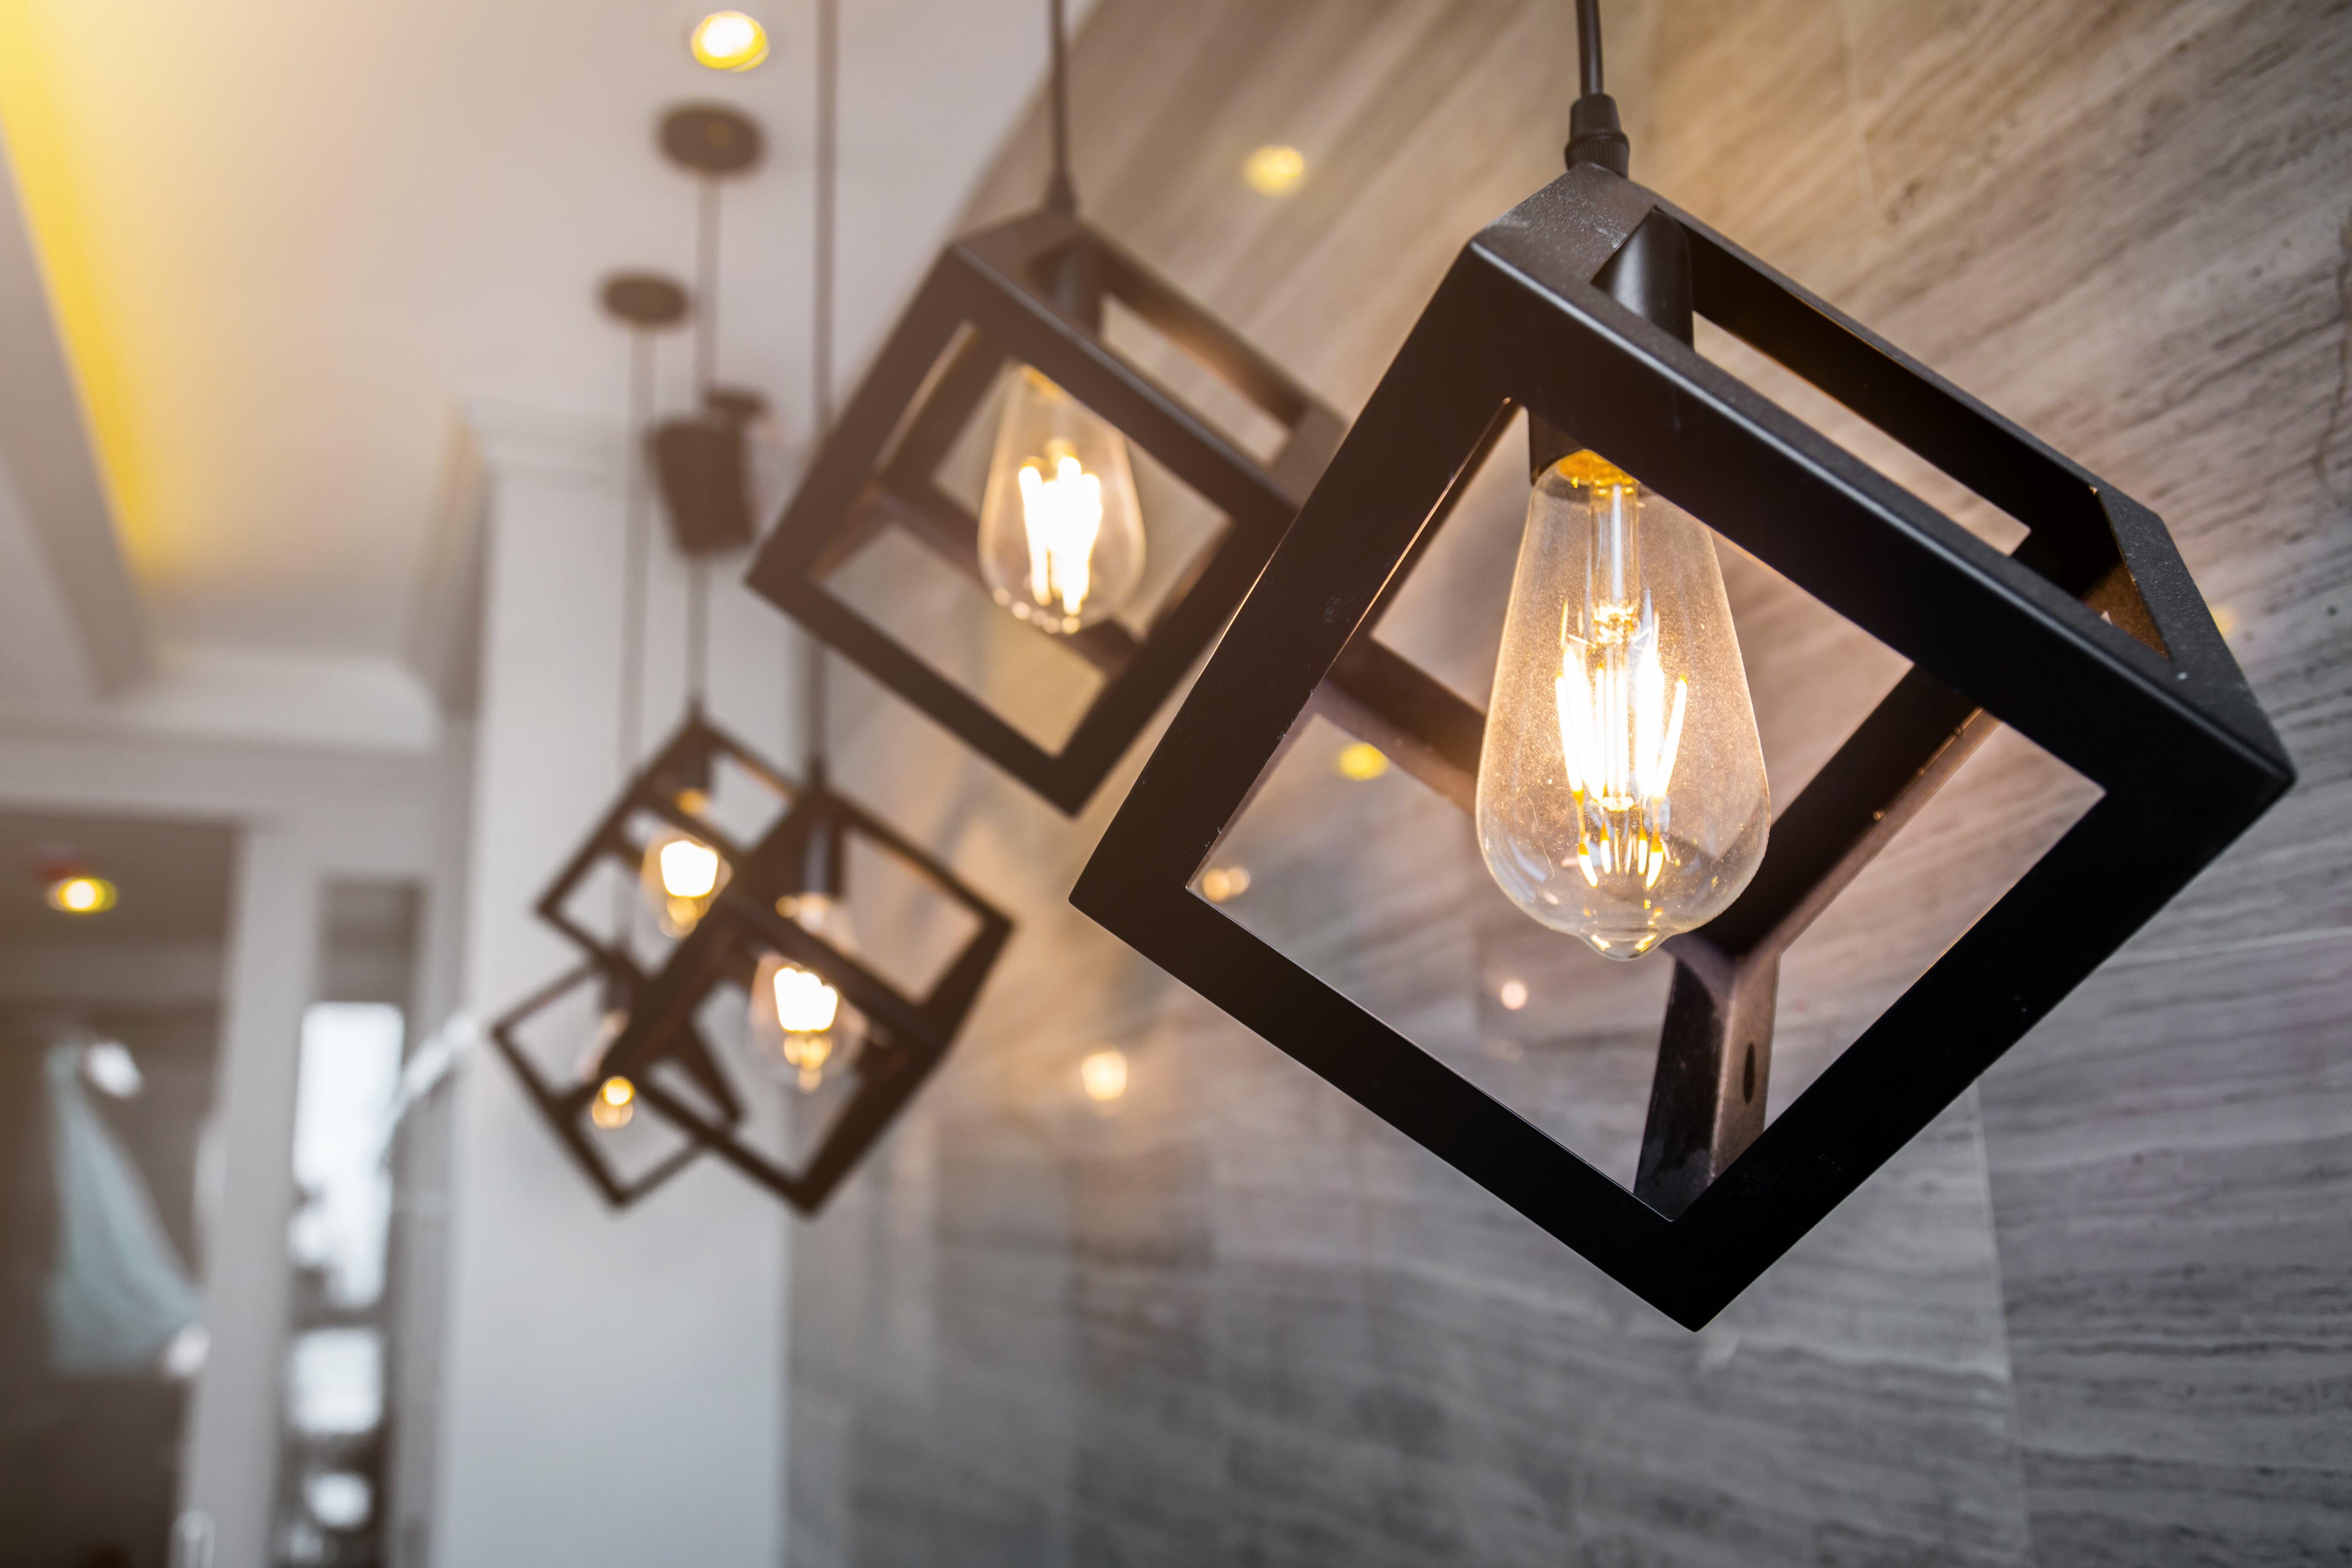 Nasce la prima lampada a consumo: è inventata da un italiano